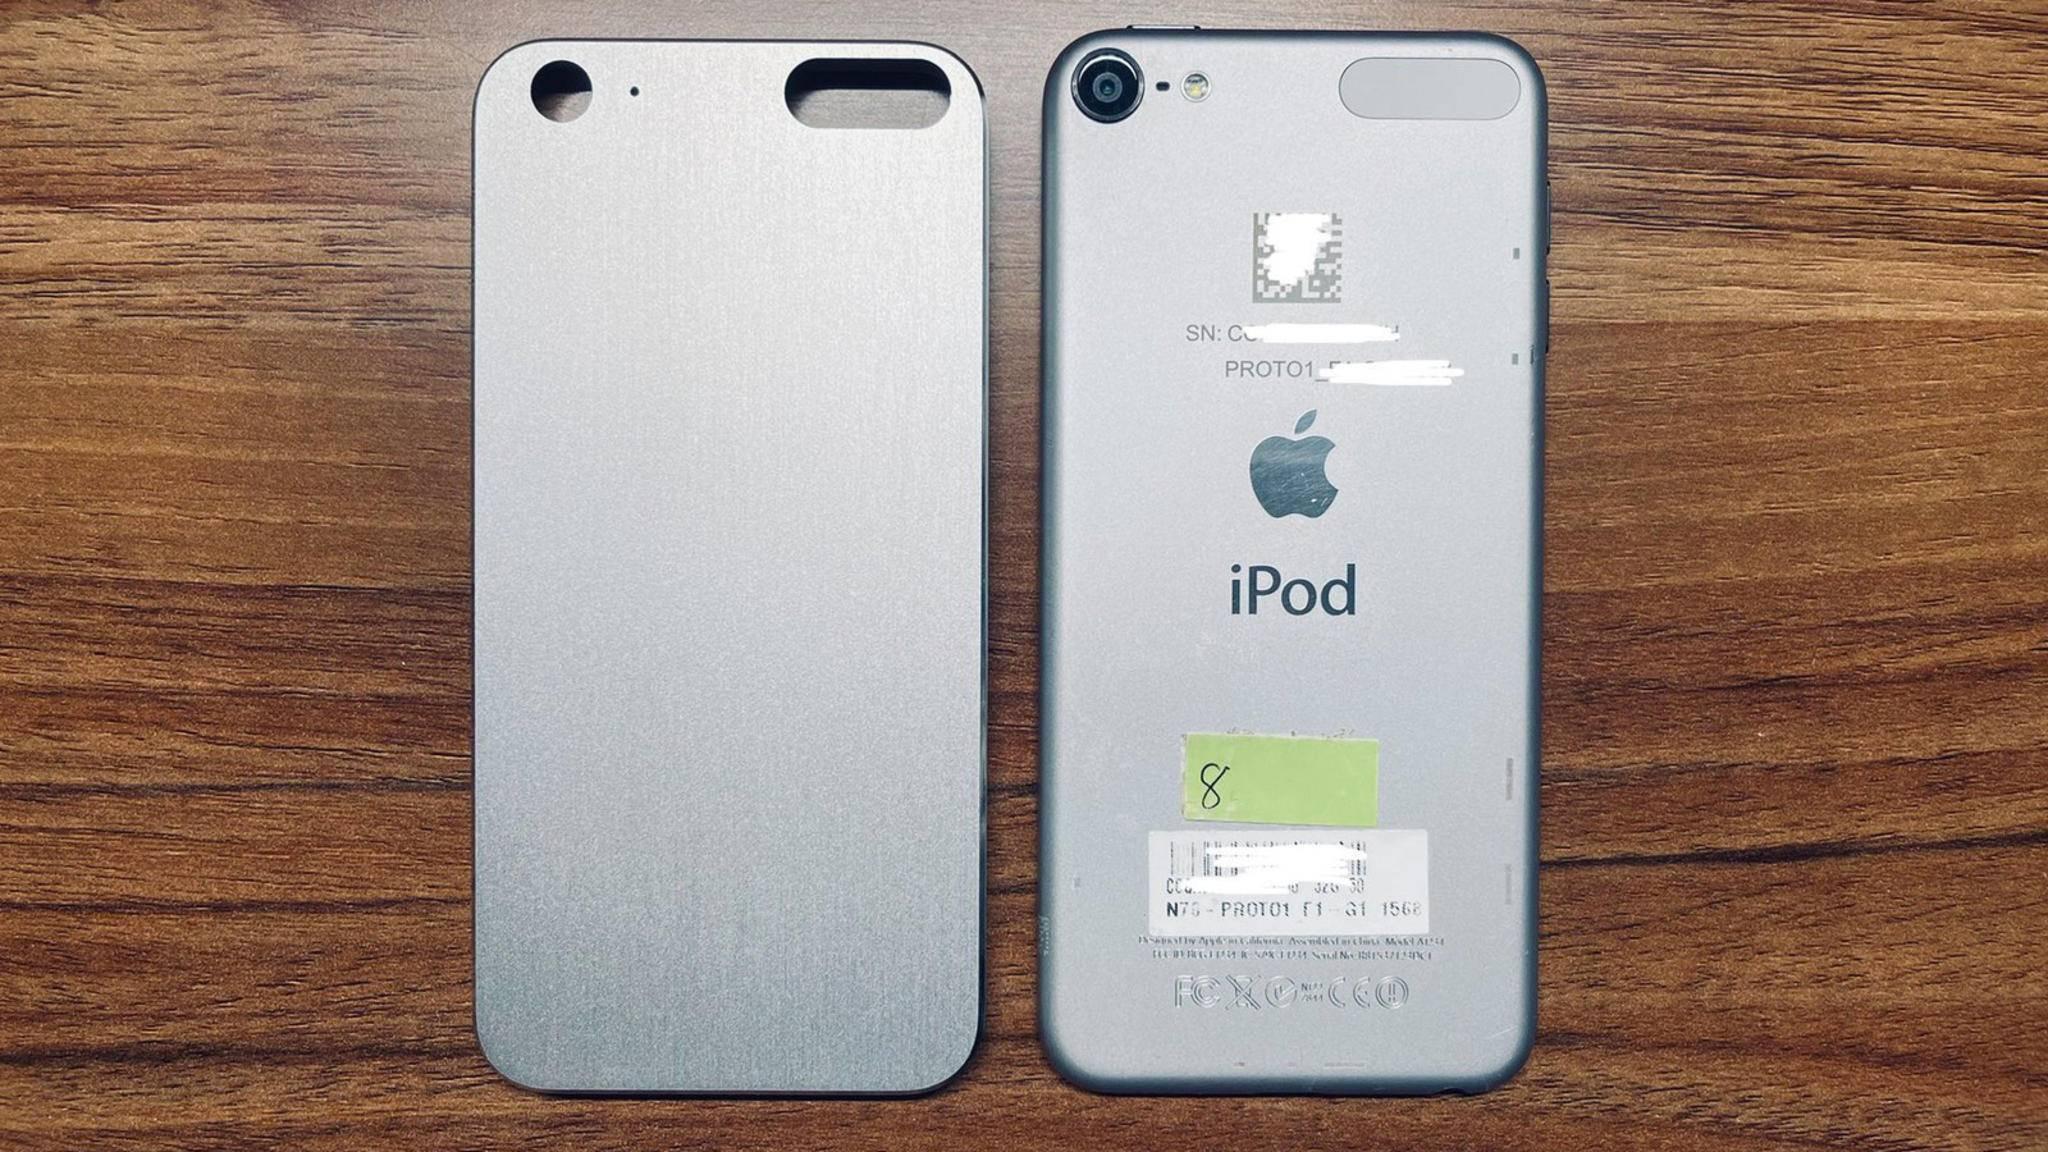 Dieses Bild eines alten iPod-touch-Prototypen ist jetzt im Netz verbreitet worden.